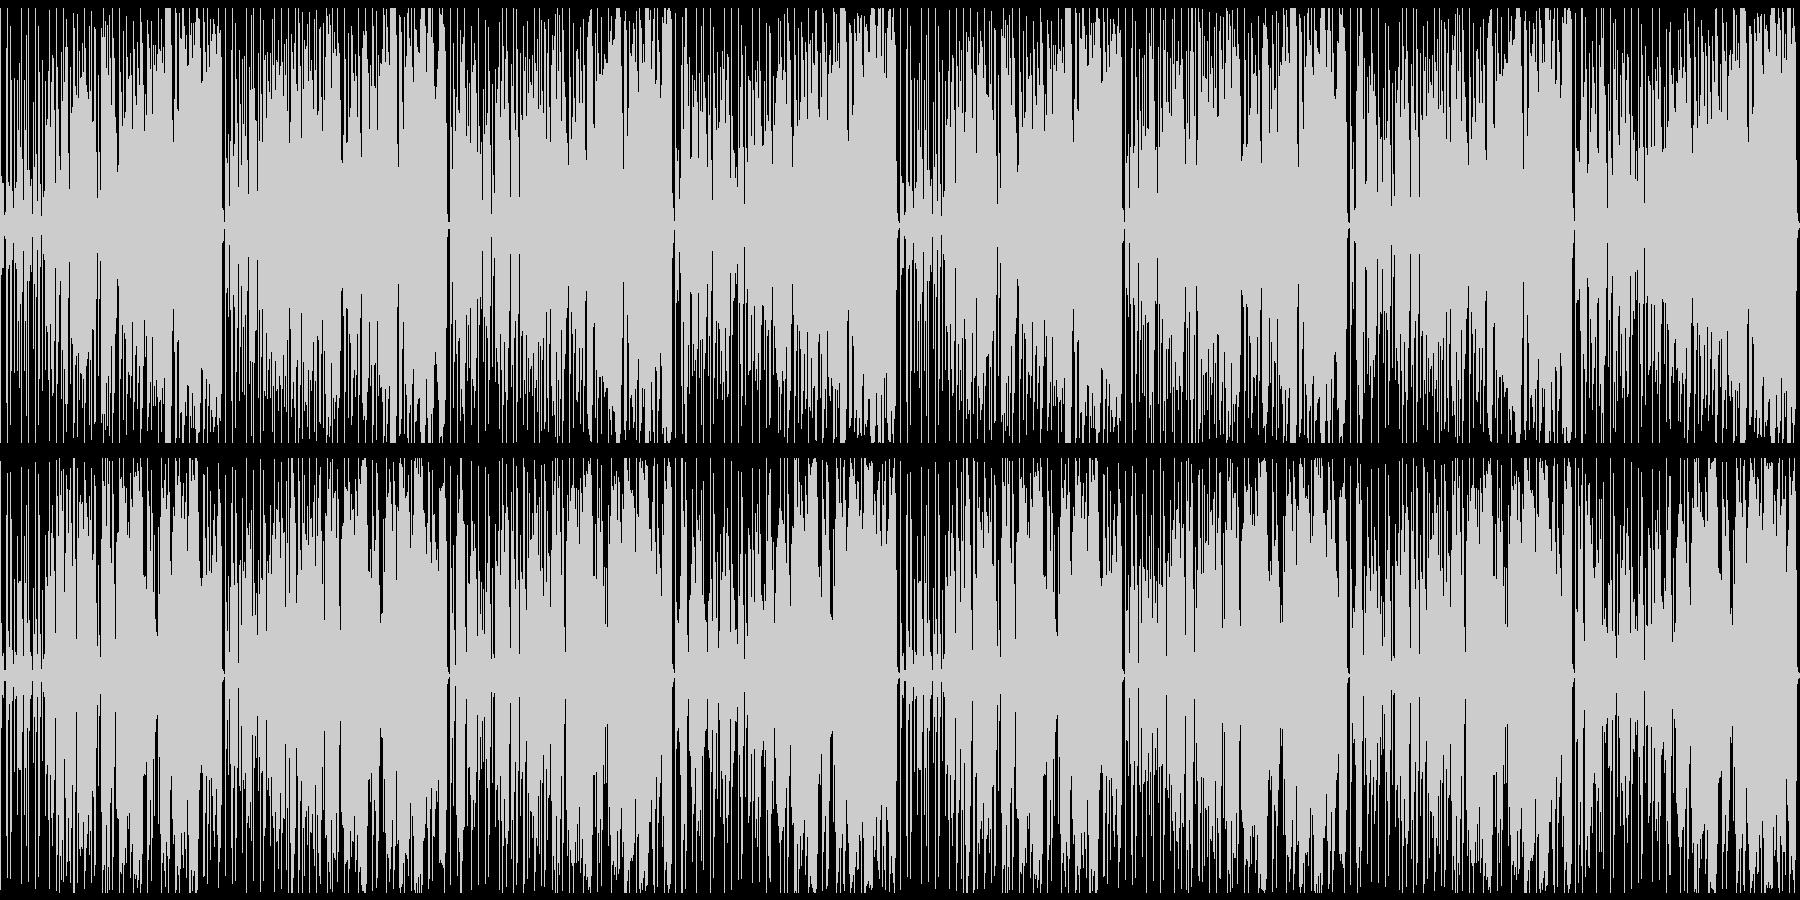 オシャレなフューチャーベースの未再生の波形